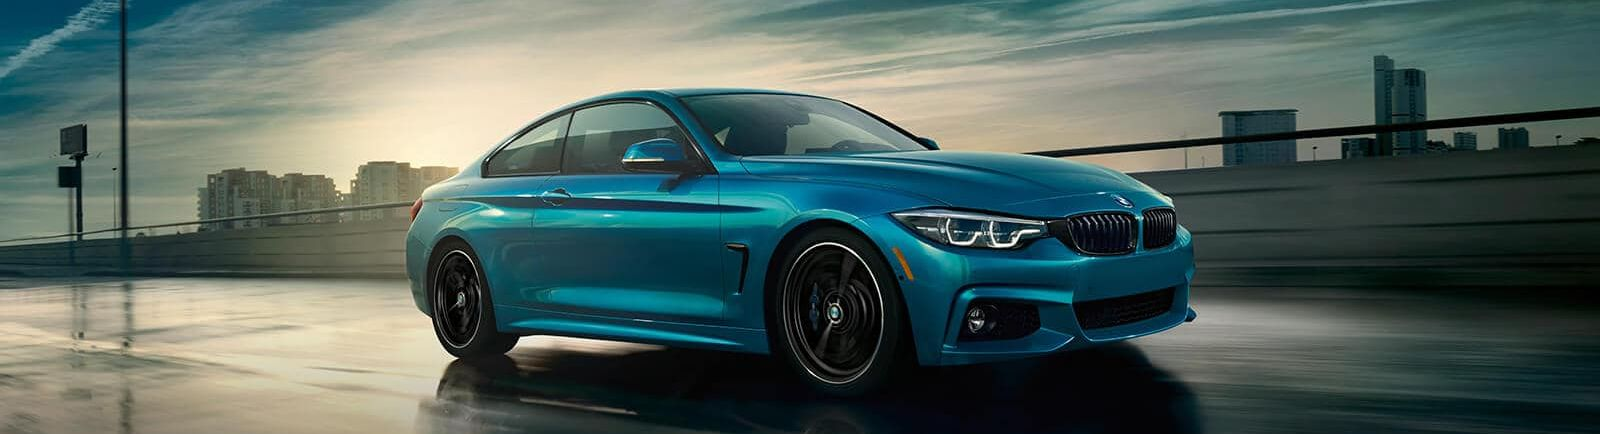 2020 BMW 4 Series Leasing near Vero Beach, FL